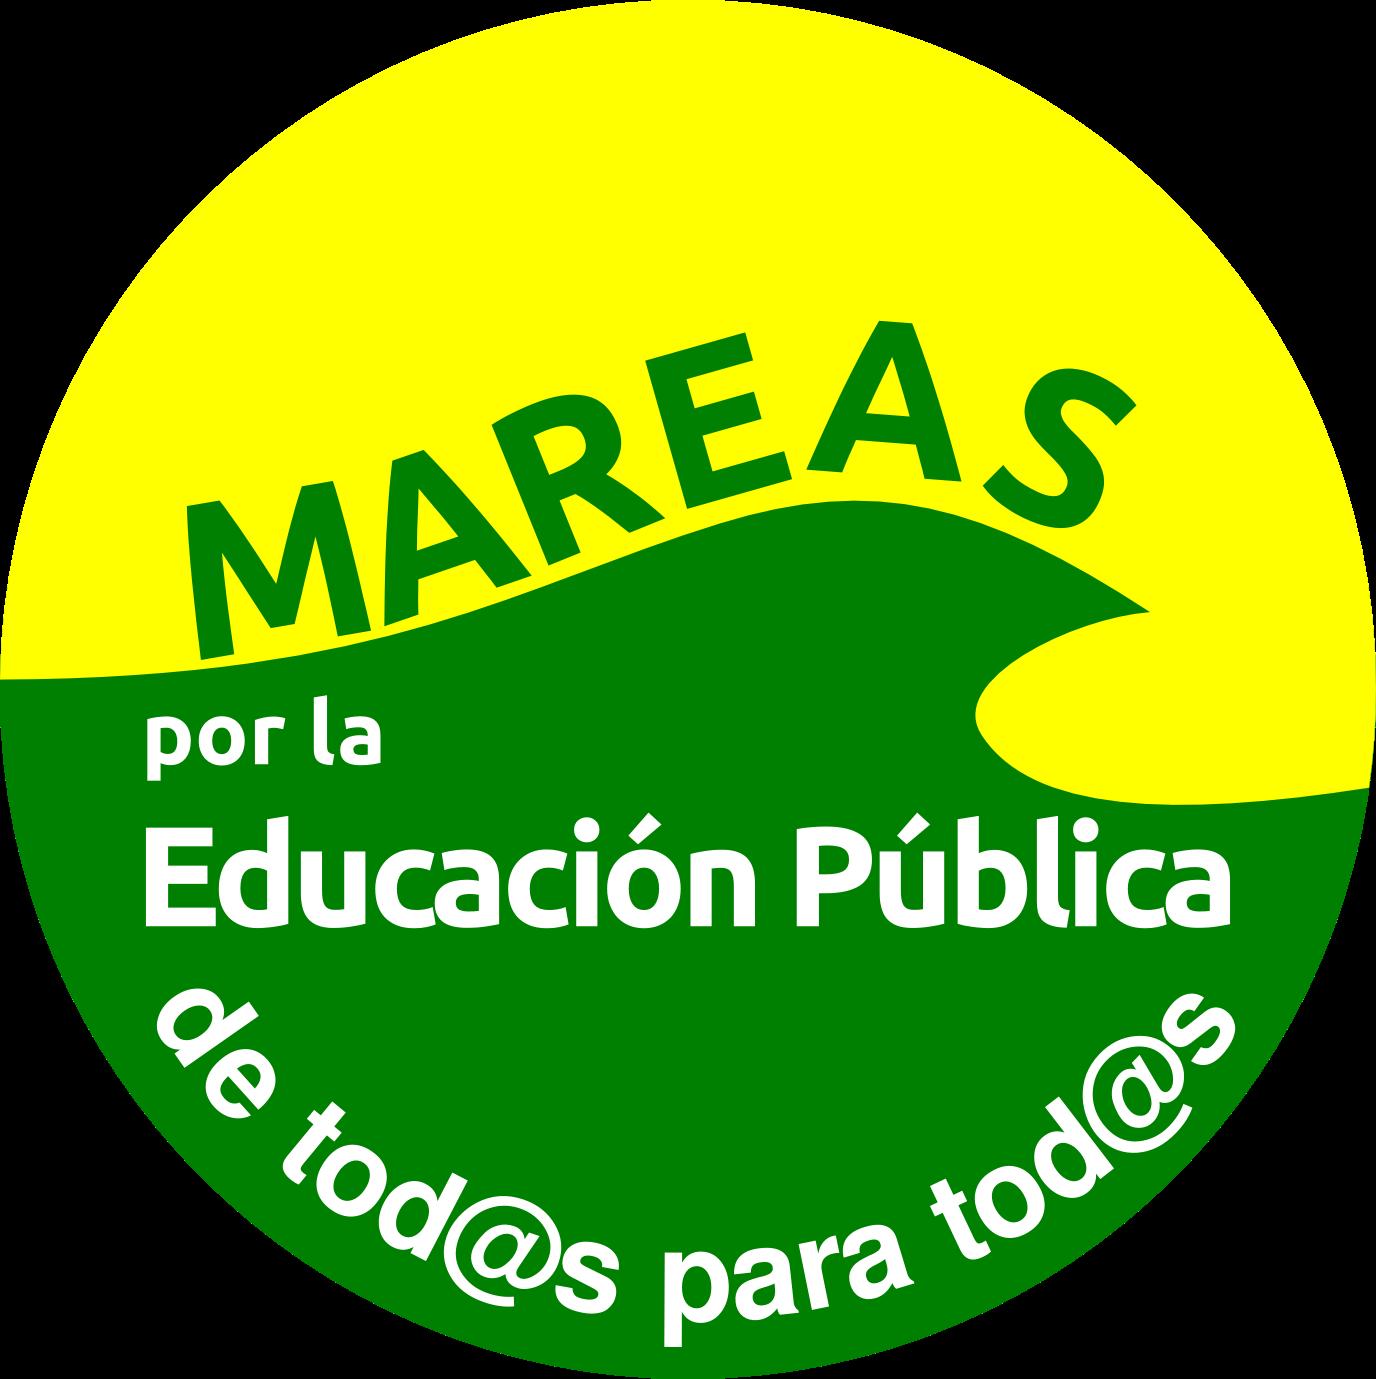 MAREAS POR LA PÚBLICA